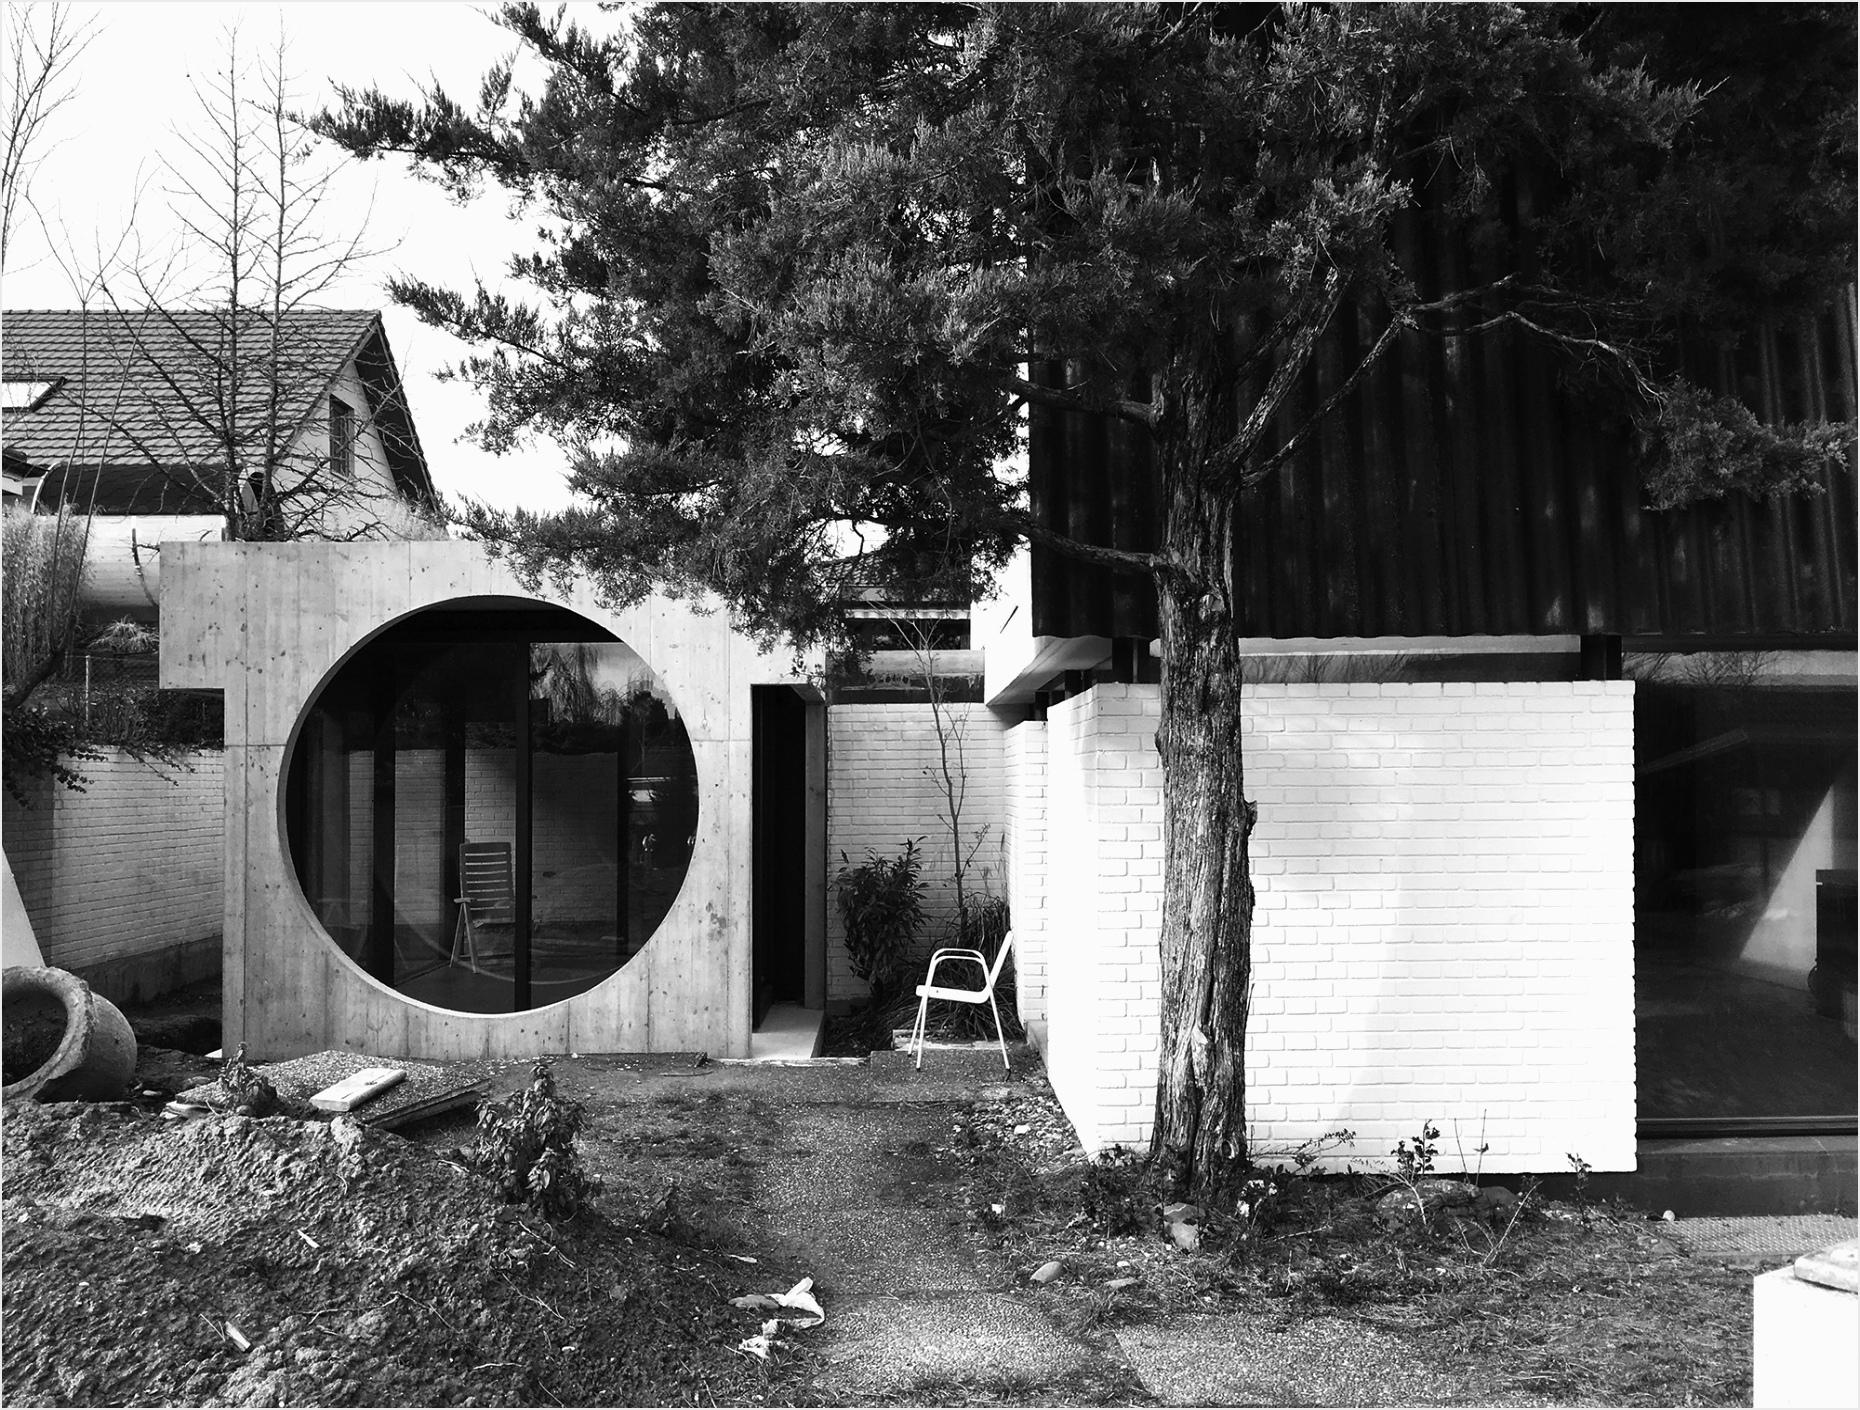 250 01 Wohnhaus Allschwil BBarc IMG 9306 beab Werkliste Bilder bc8c248bc511f c1a a uttdr